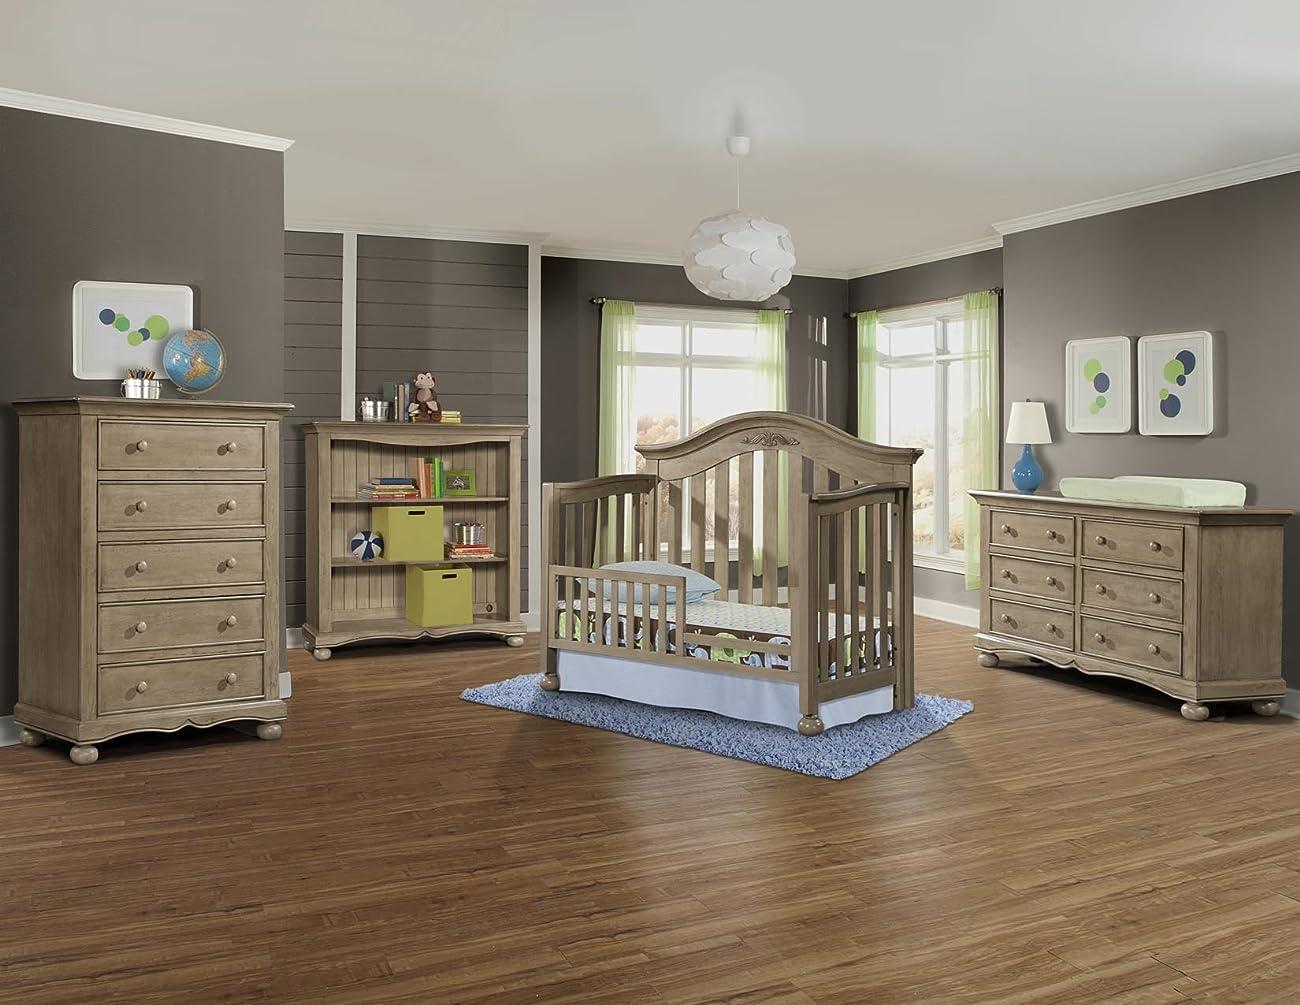 Westwood Design Meadowdale 4-in-1 Convertible Crib, Vintage 3